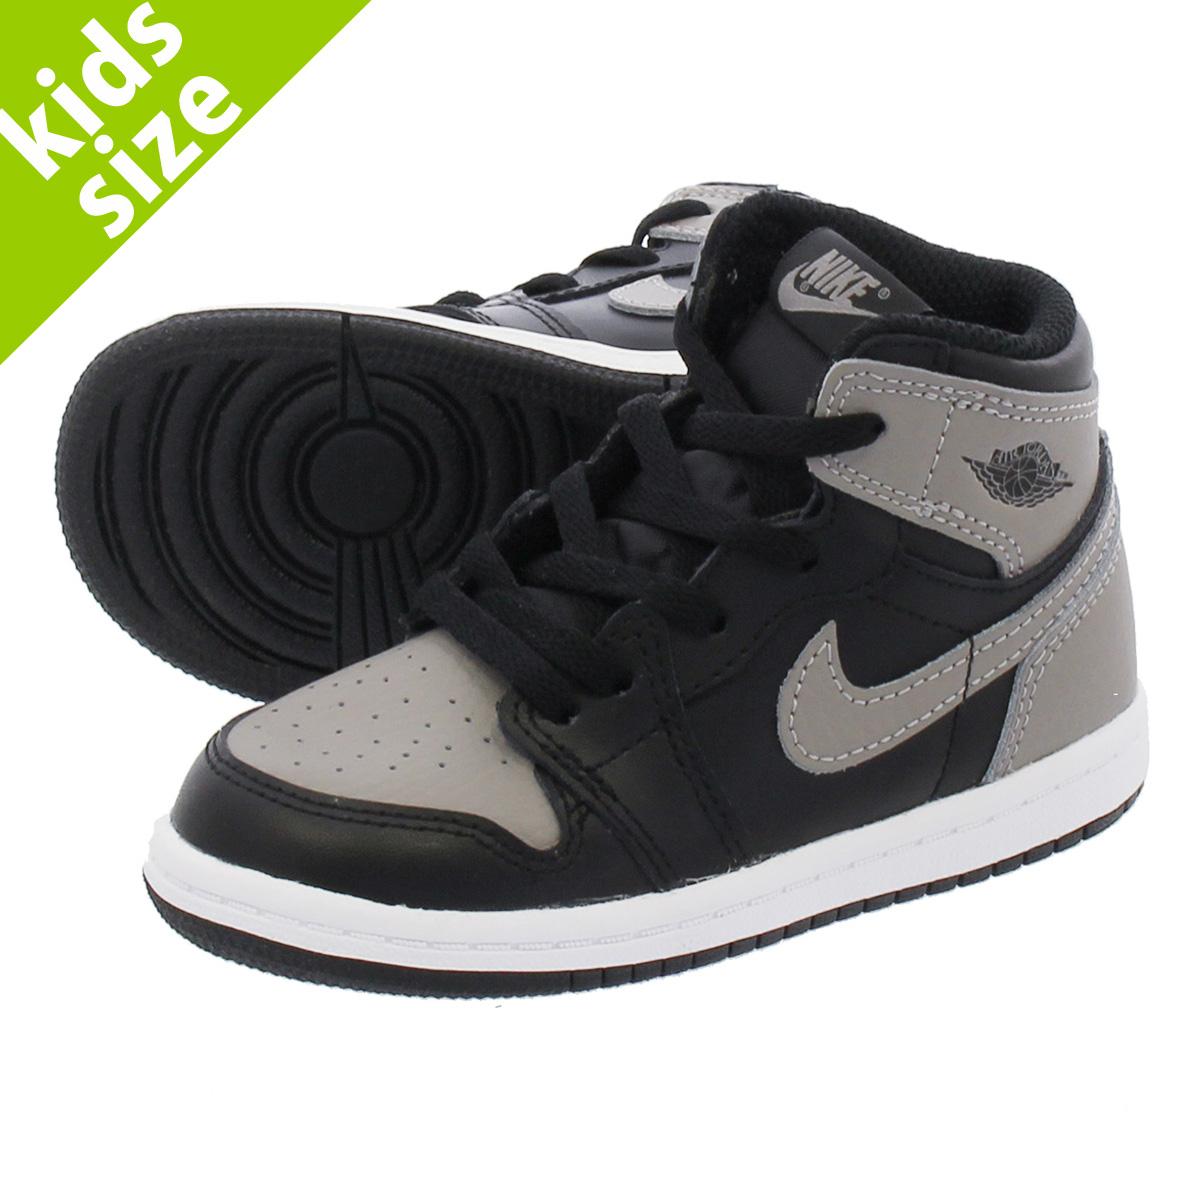 43ec582005e NIKE AIR JORDAN 1 RETRO HIGH OG BT Nike Air Jordan 1 nostalgic high OG BT  BLACK MEDIUM GREY WHITE aq2665-013